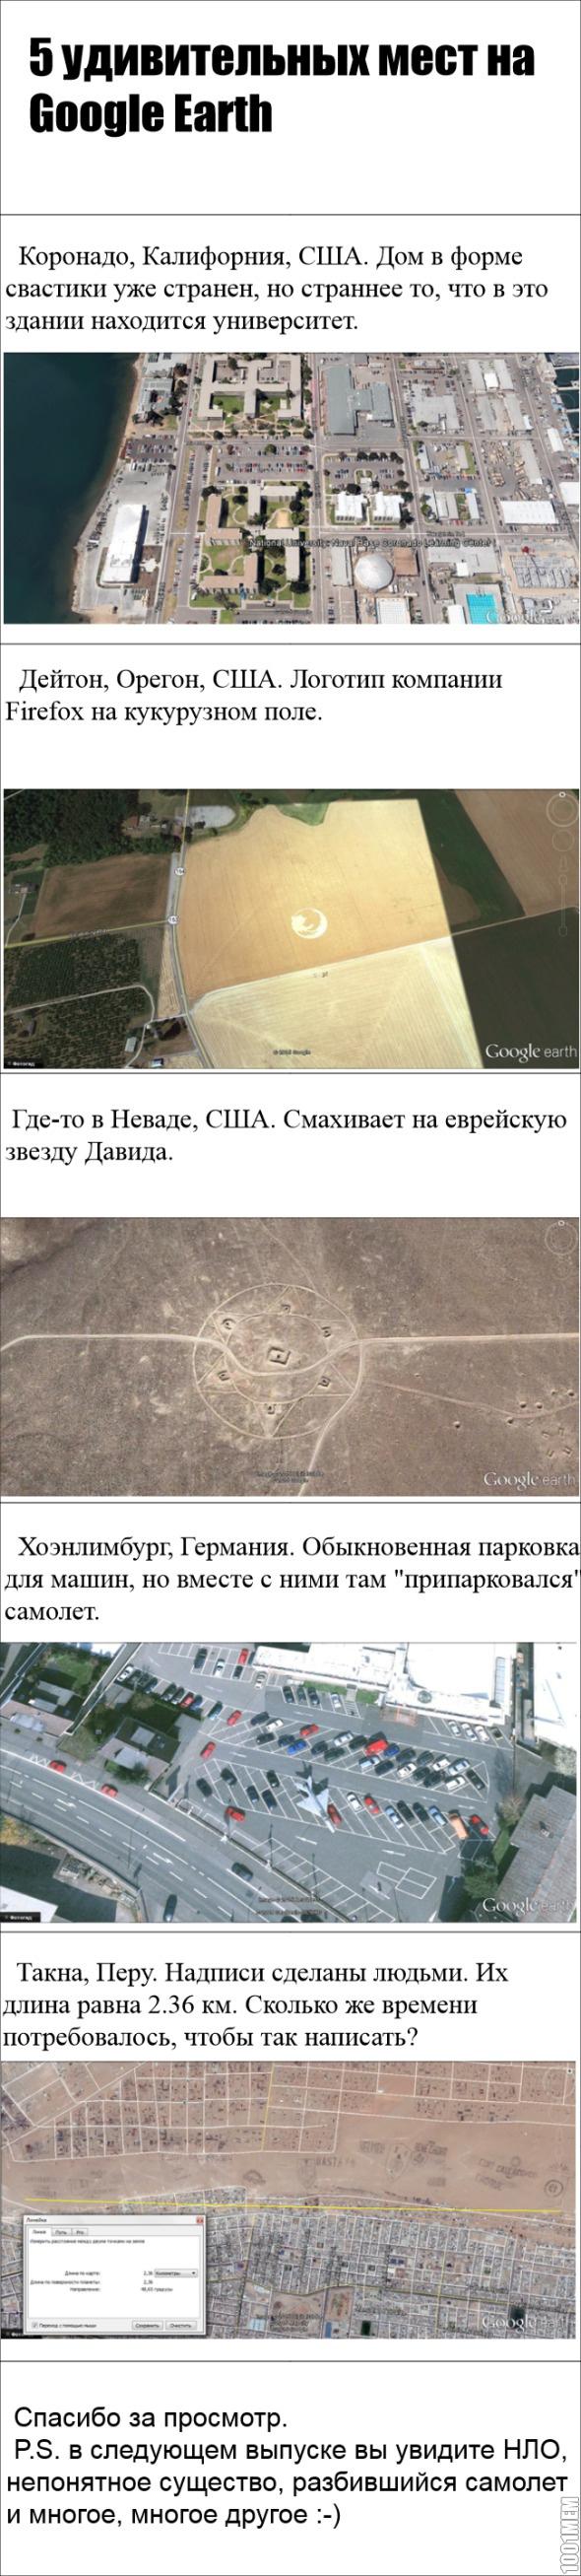 5 удивительных мест на Google Earth. 1ч